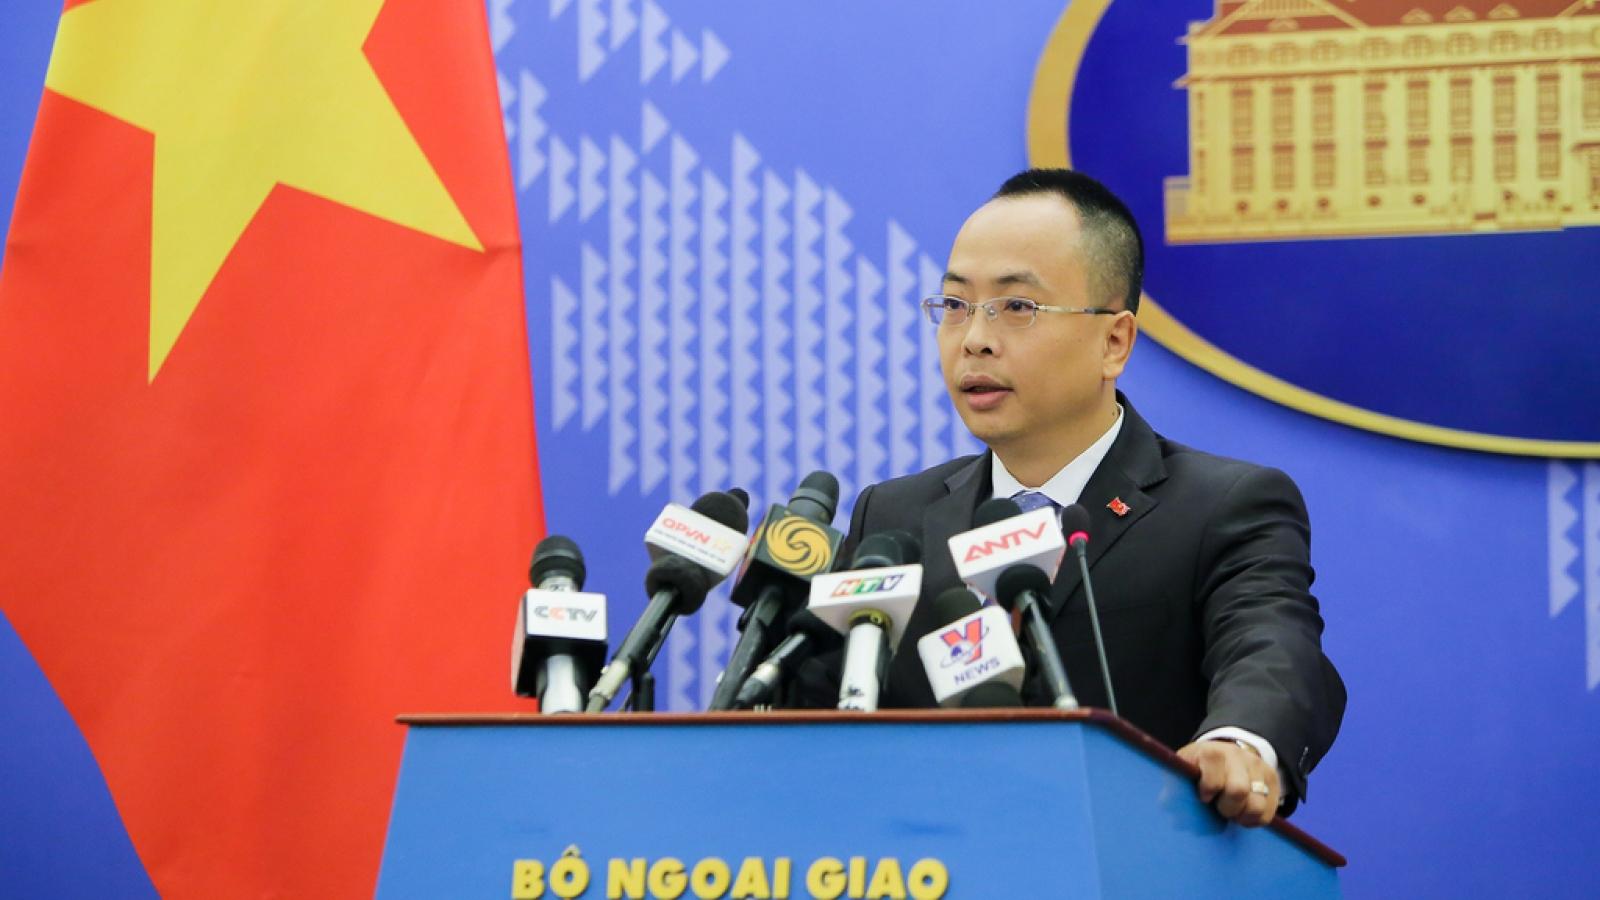 Việt Nam kiên quyết bác bỏ quyết định cấm đánh bắt của Trung Quốc trên Biển Đông